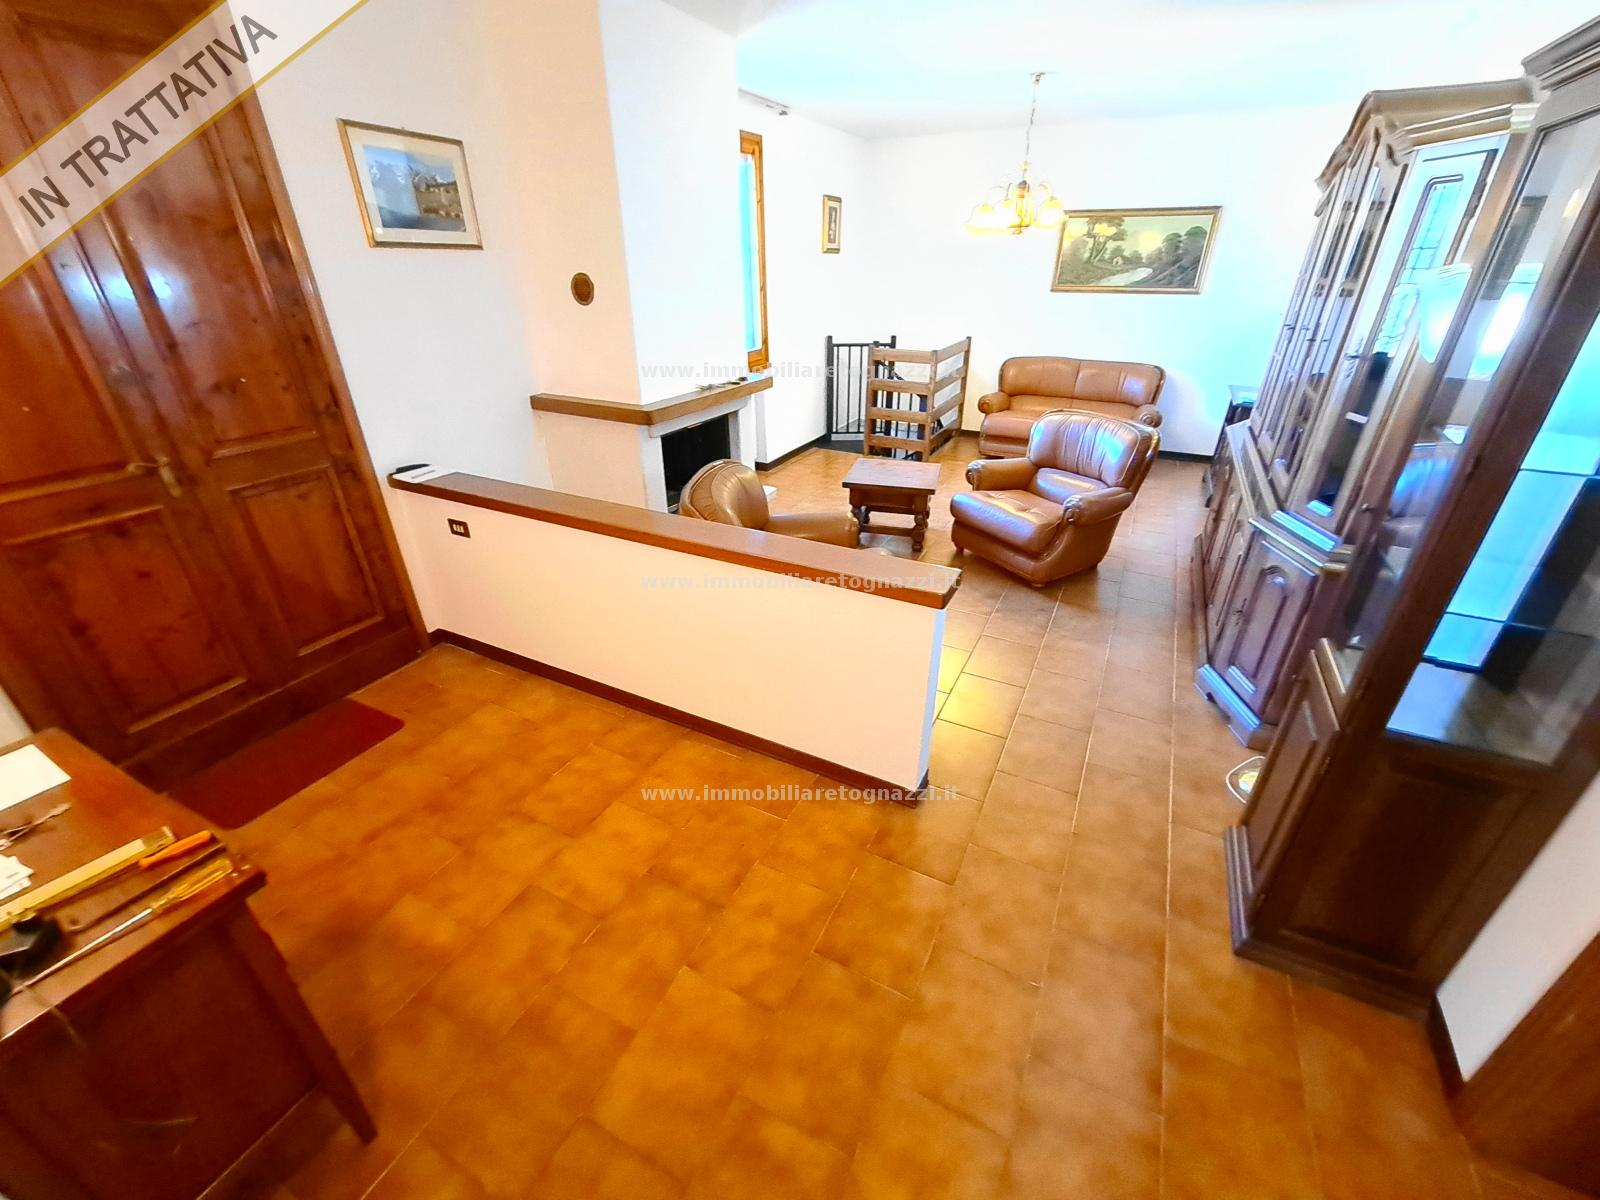 Appartamento in vendita a Certaldo, 3 locali, prezzo € 195.000 | PortaleAgenzieImmobiliari.it